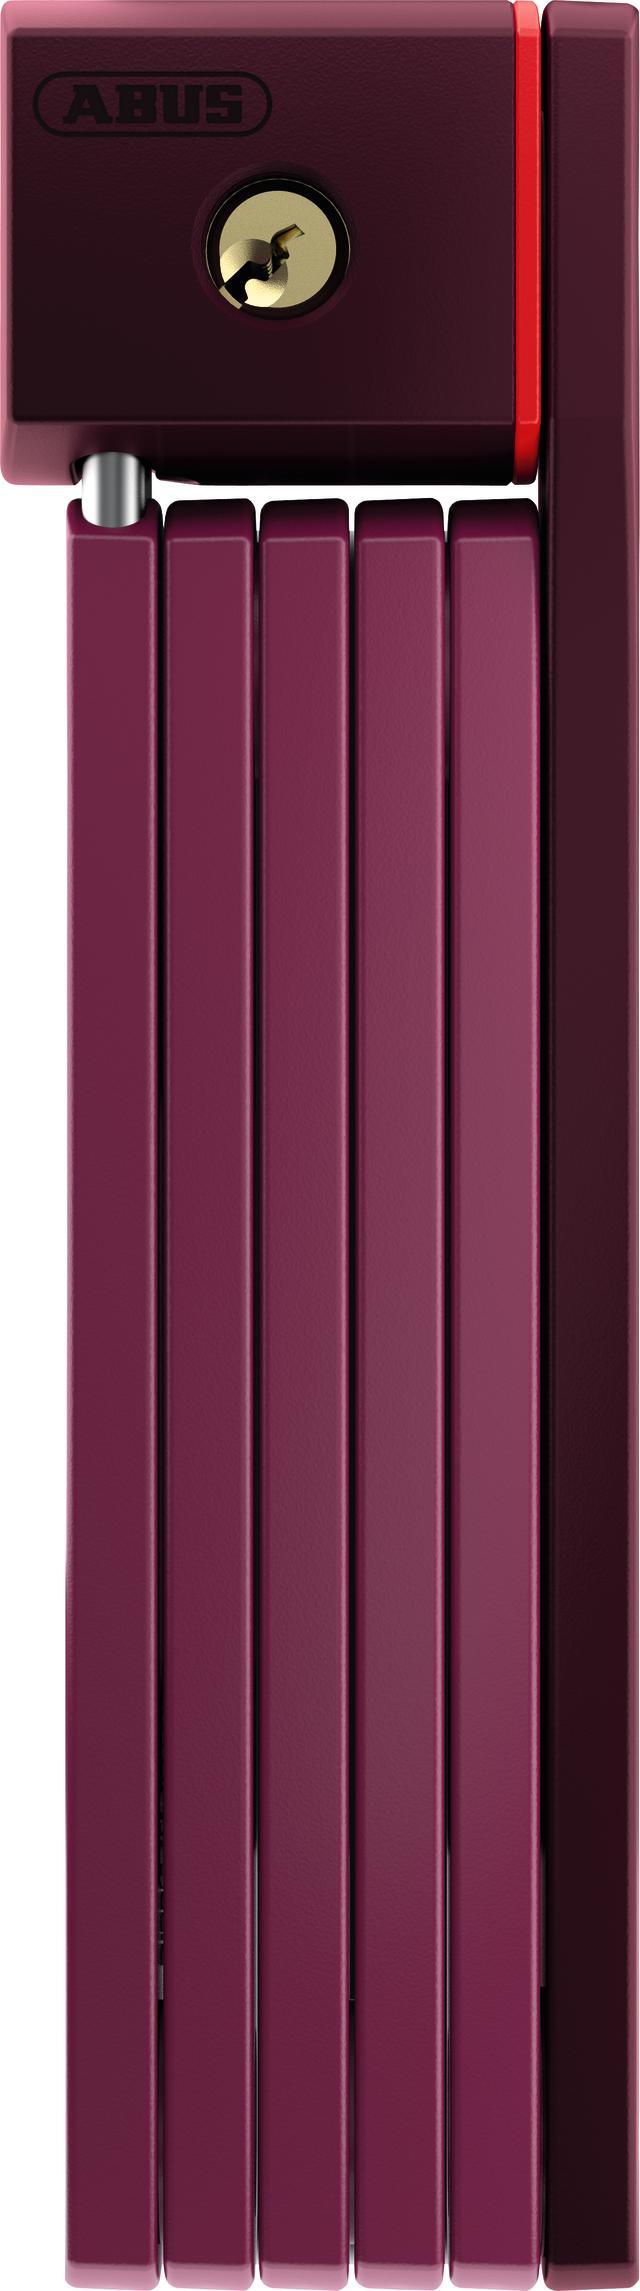 Faltschloss 5700/80 core purple